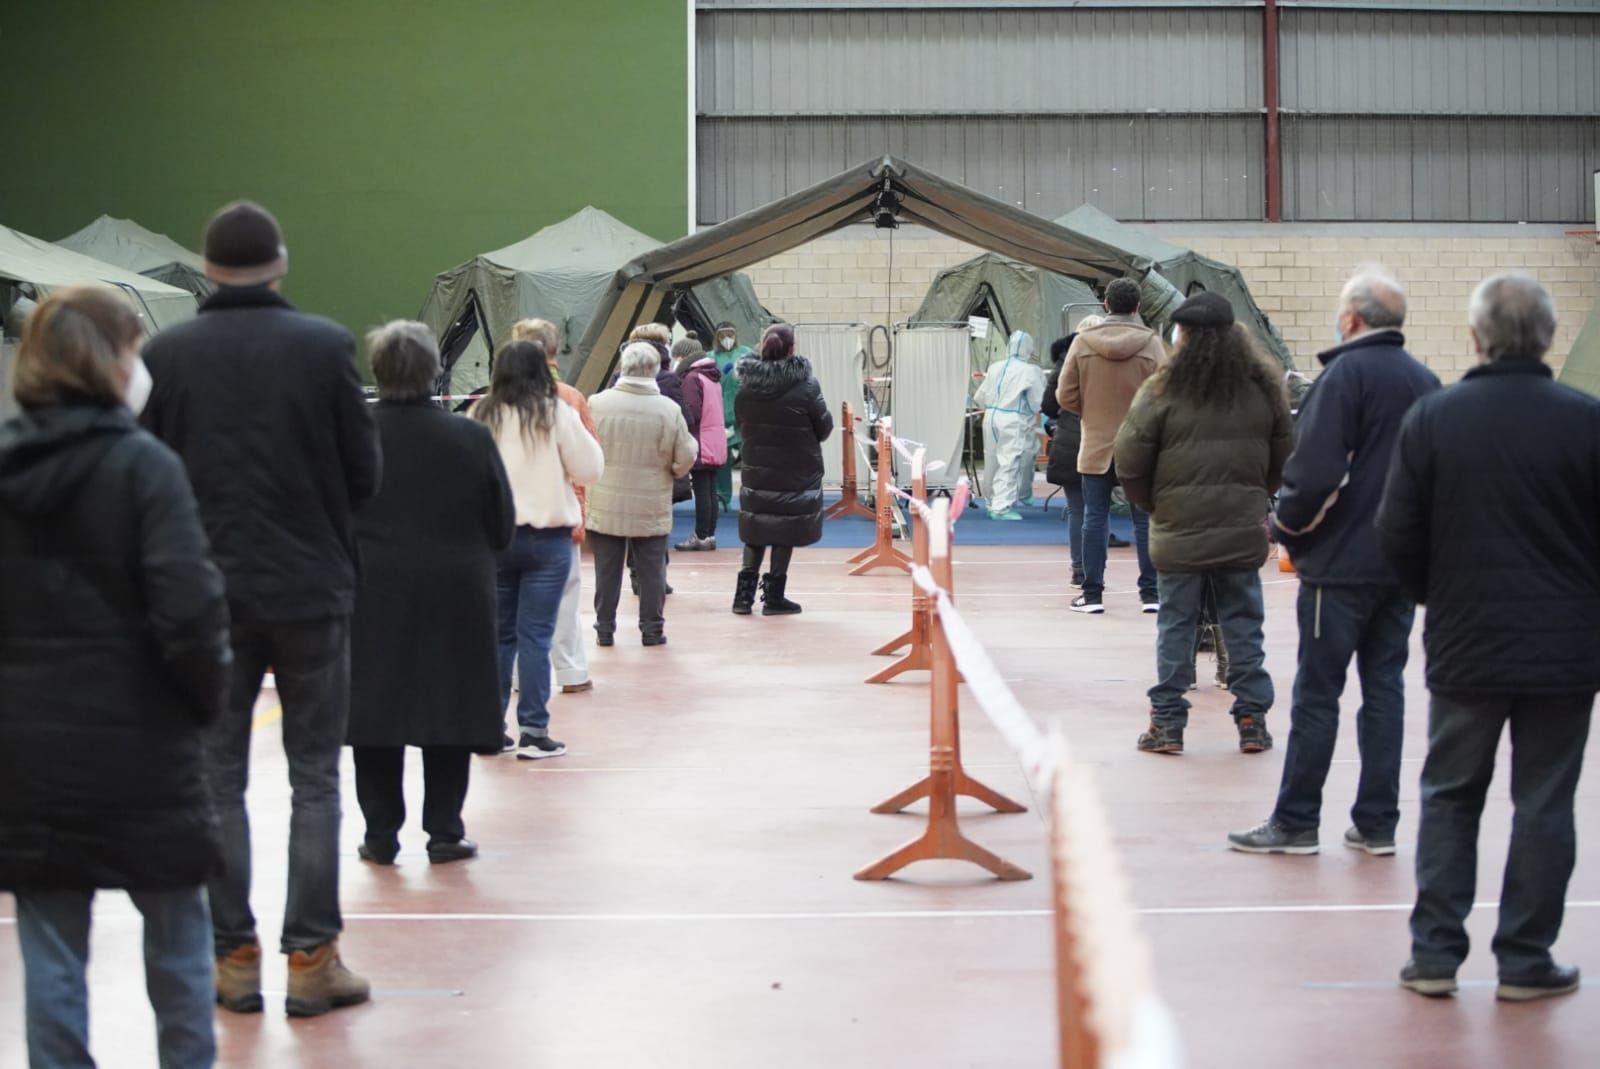 GALERÍA | Así se produce el cribado masivo de Zamora Norte en Monfarracinos